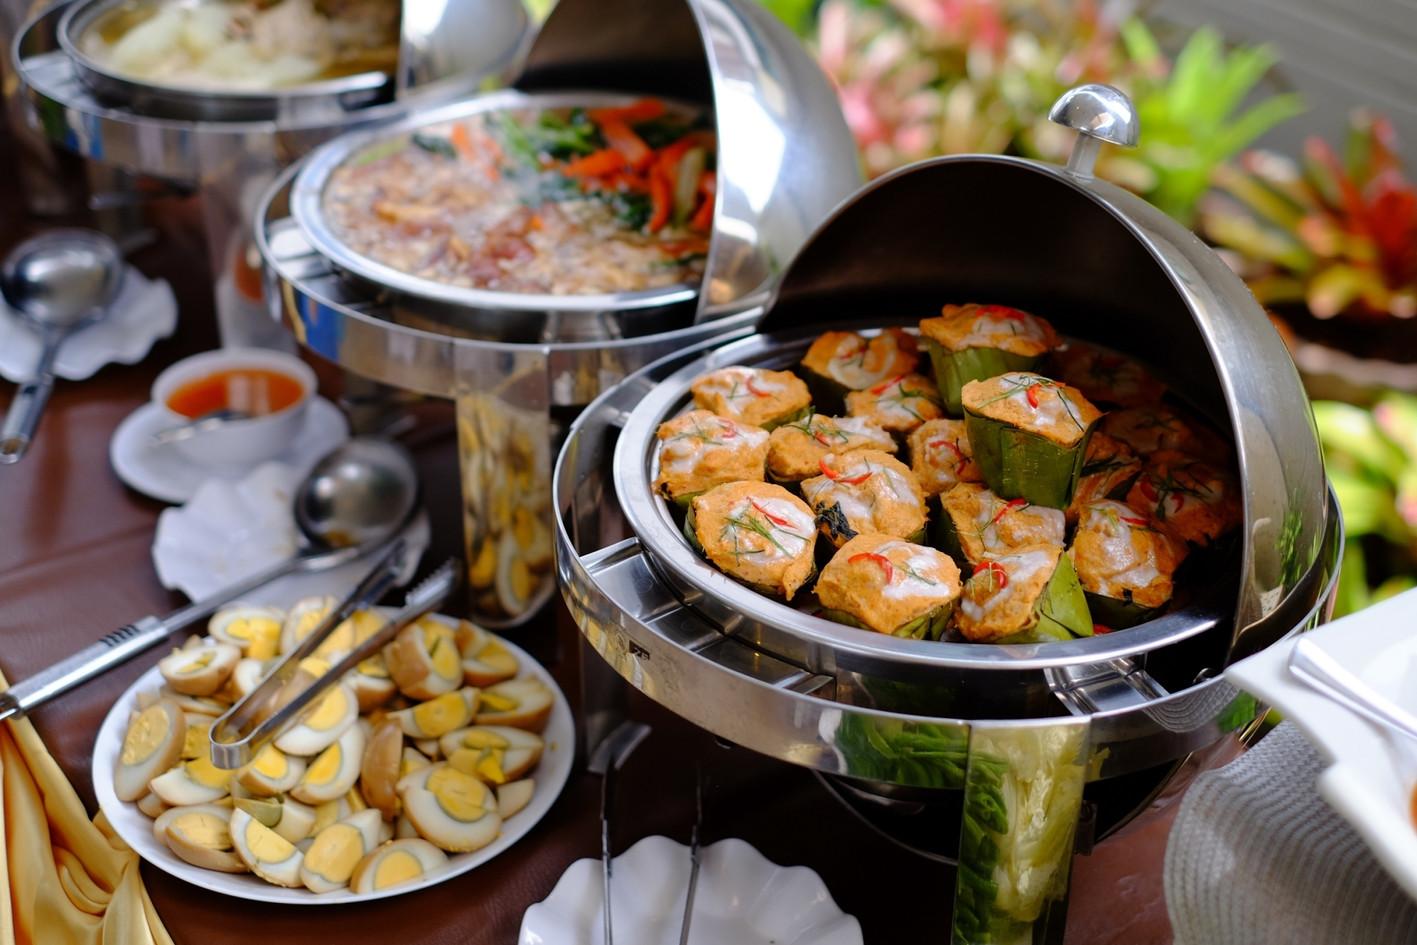 รูปอาหาร ของวันทำบุญ_๑๘๐๘๐๘_0127.jpg